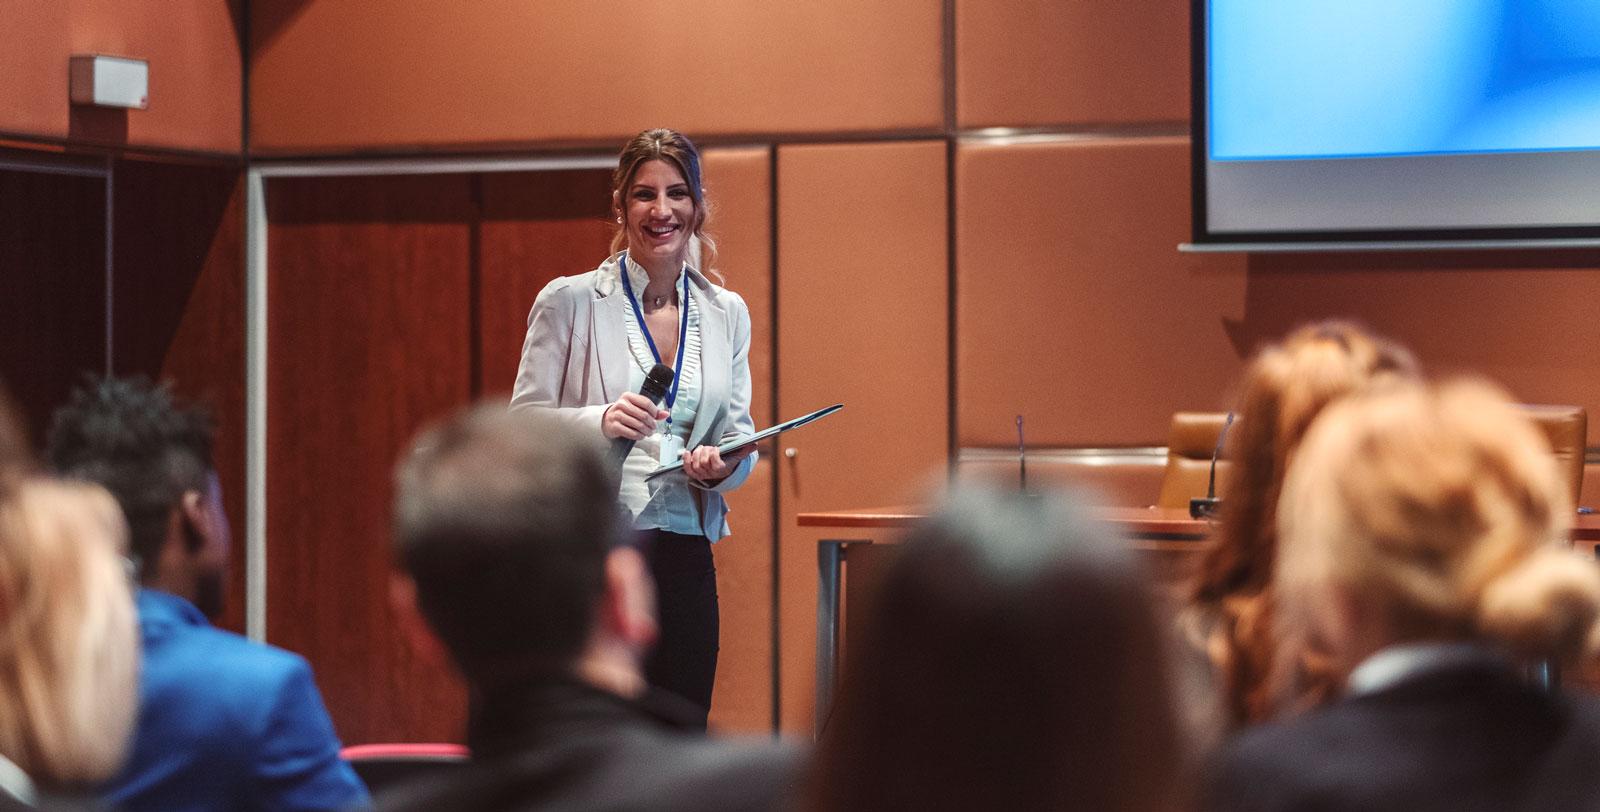 So gewinnst du dein Publikum: Lächle deine Zuhörer an und unterstreiche deinen Vortrag mit Gesten.